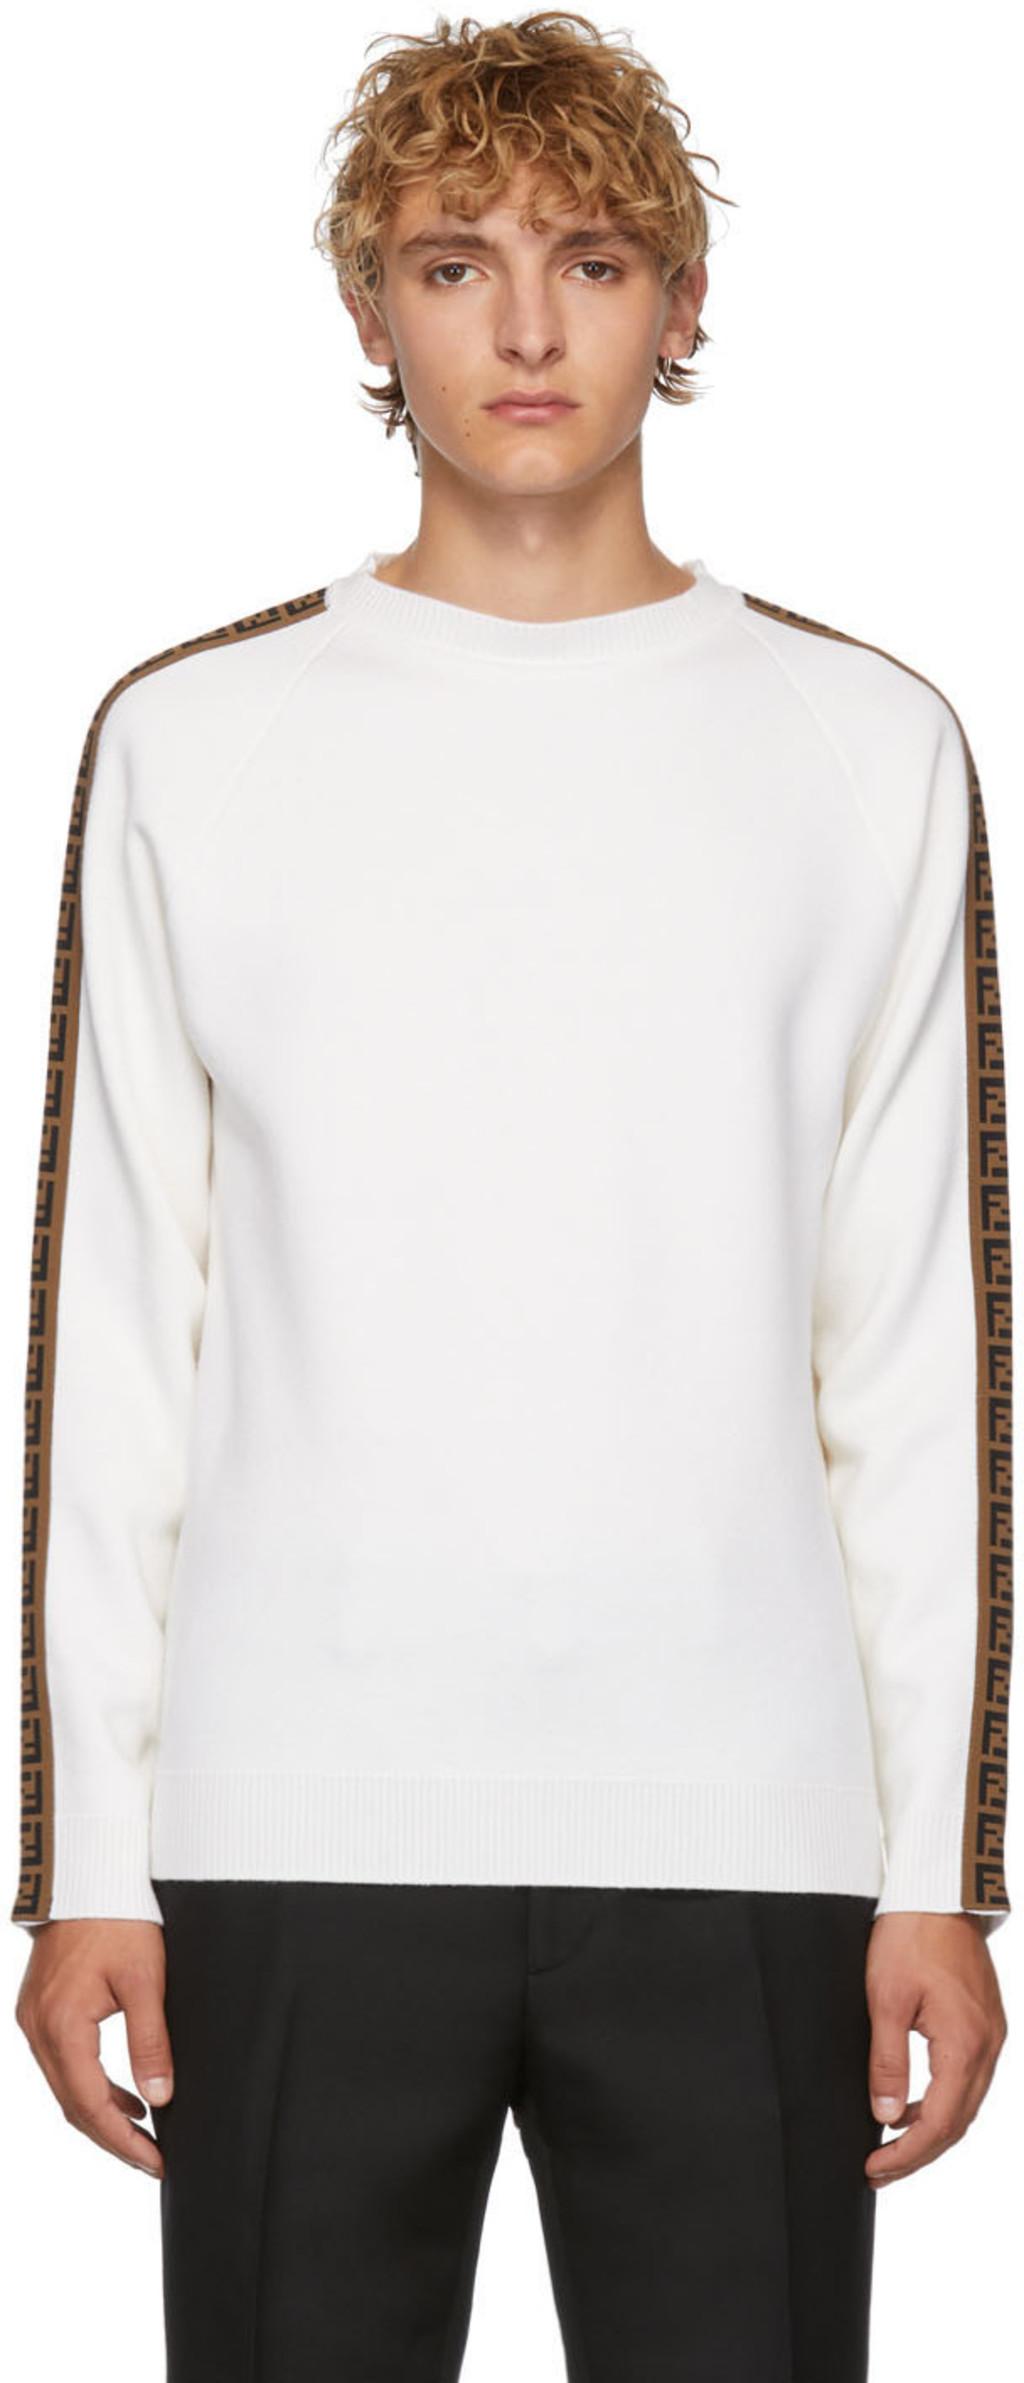 d75d2ef3 White 'Forever Fendi' Sweater